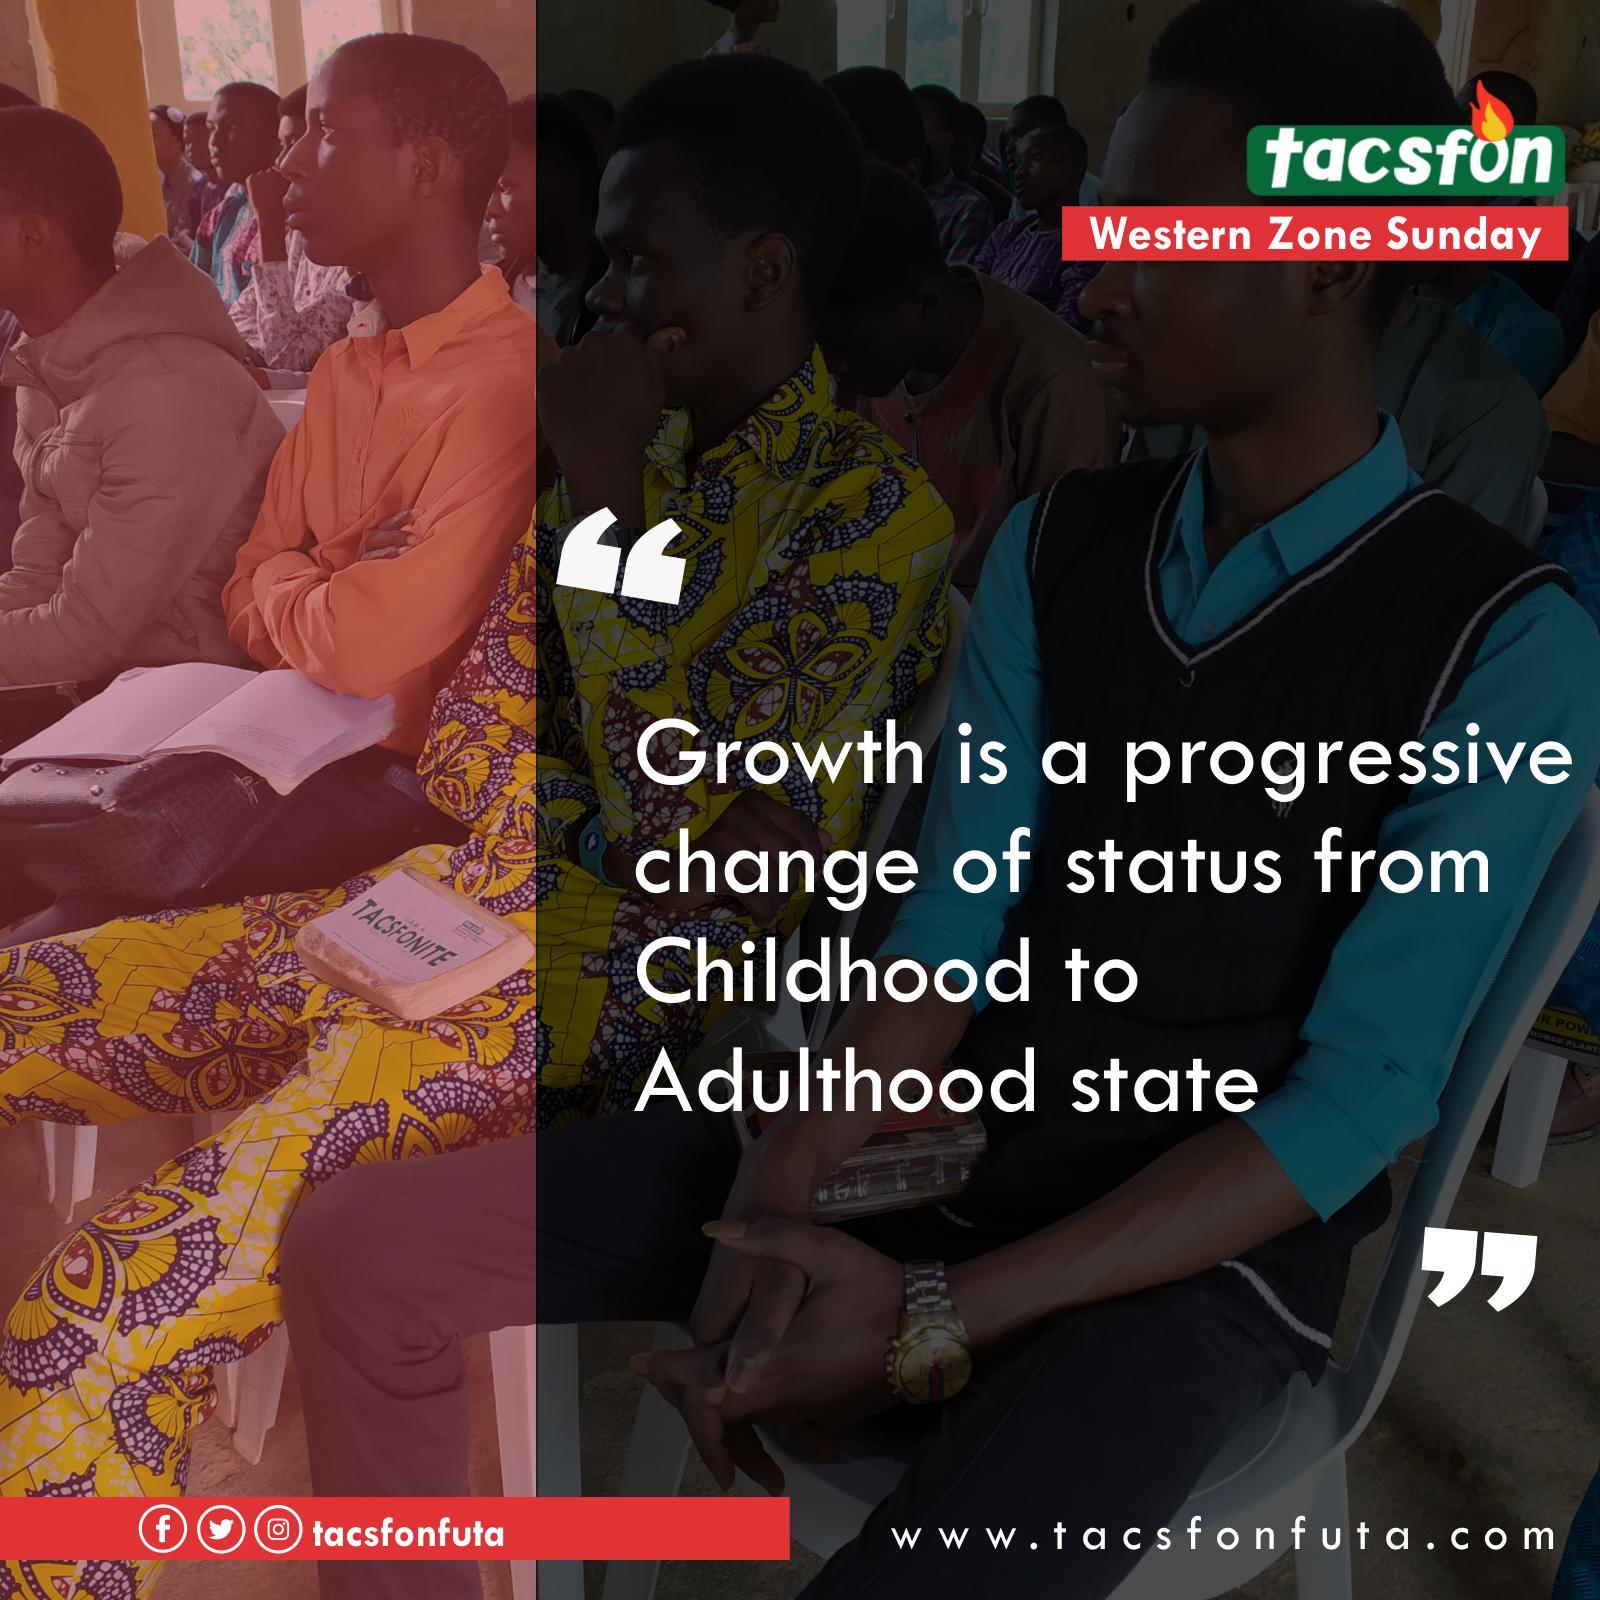 Futa Growth